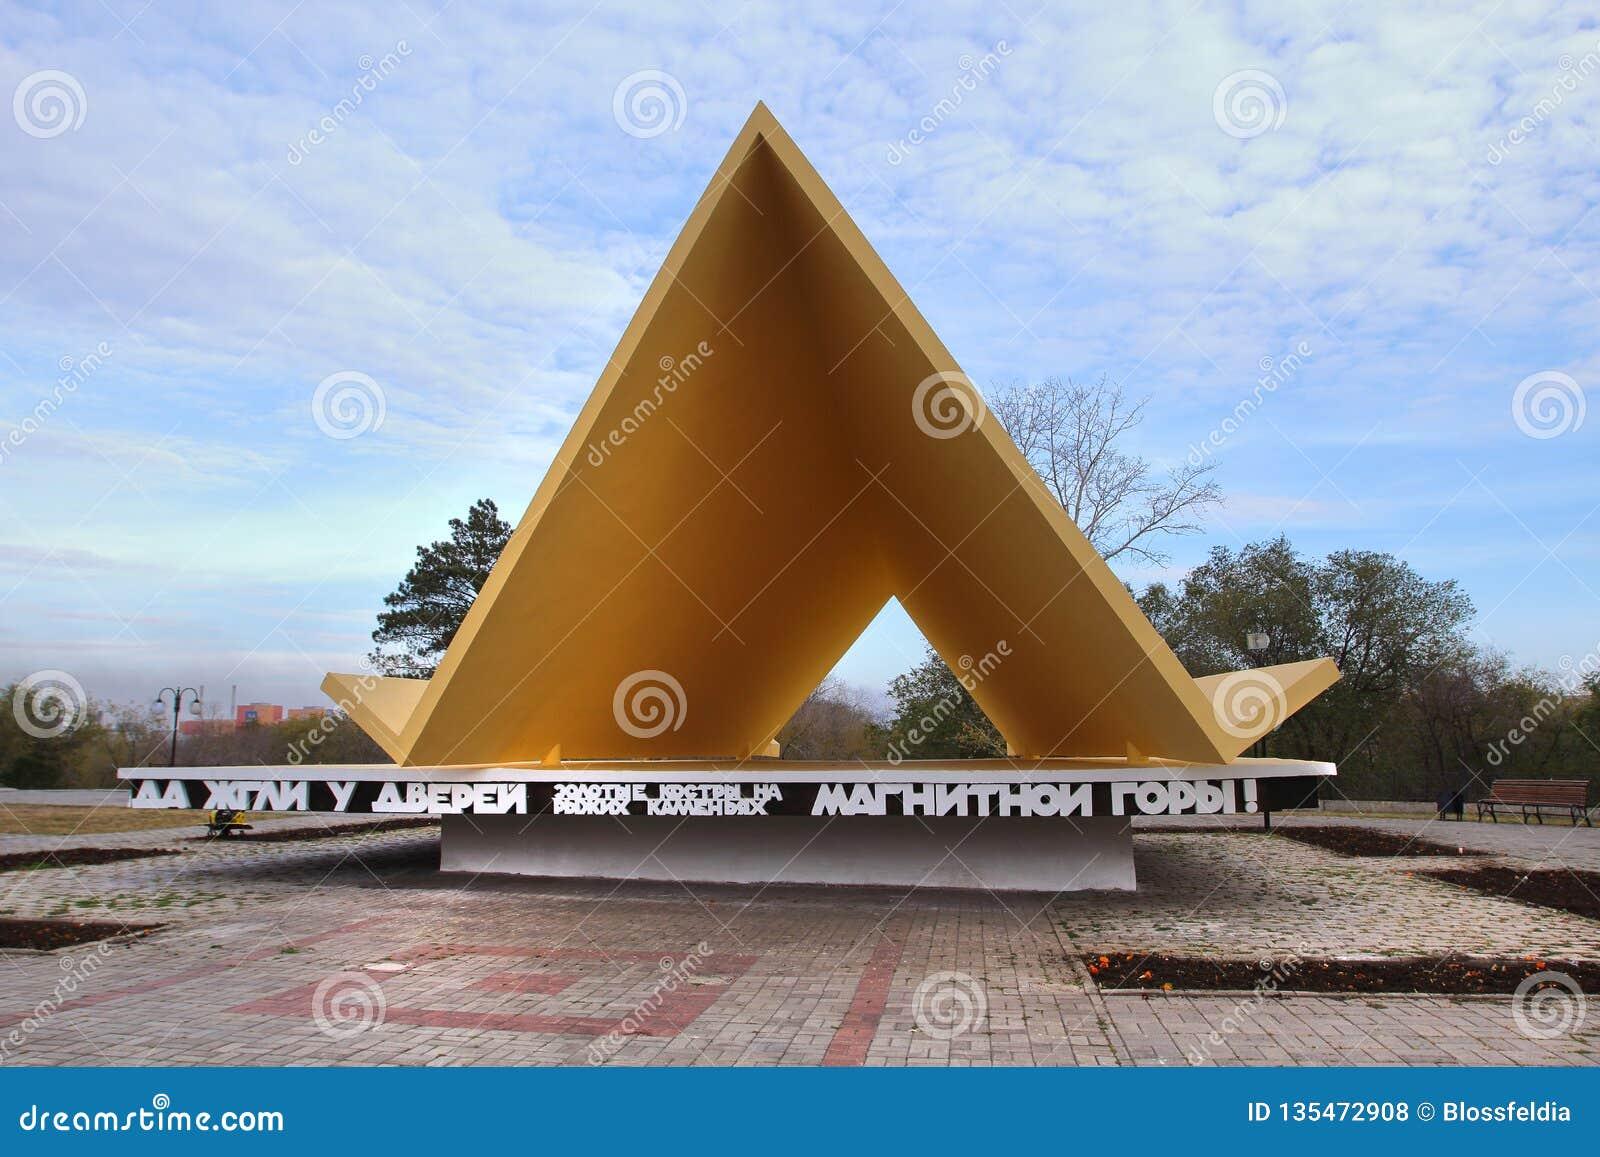 """""""Η πρώτη σκηνή """"- ένα μνημείο στην είσοδο στο πάρκο παλαιμάχων της πόλης Magnitogorsk"""